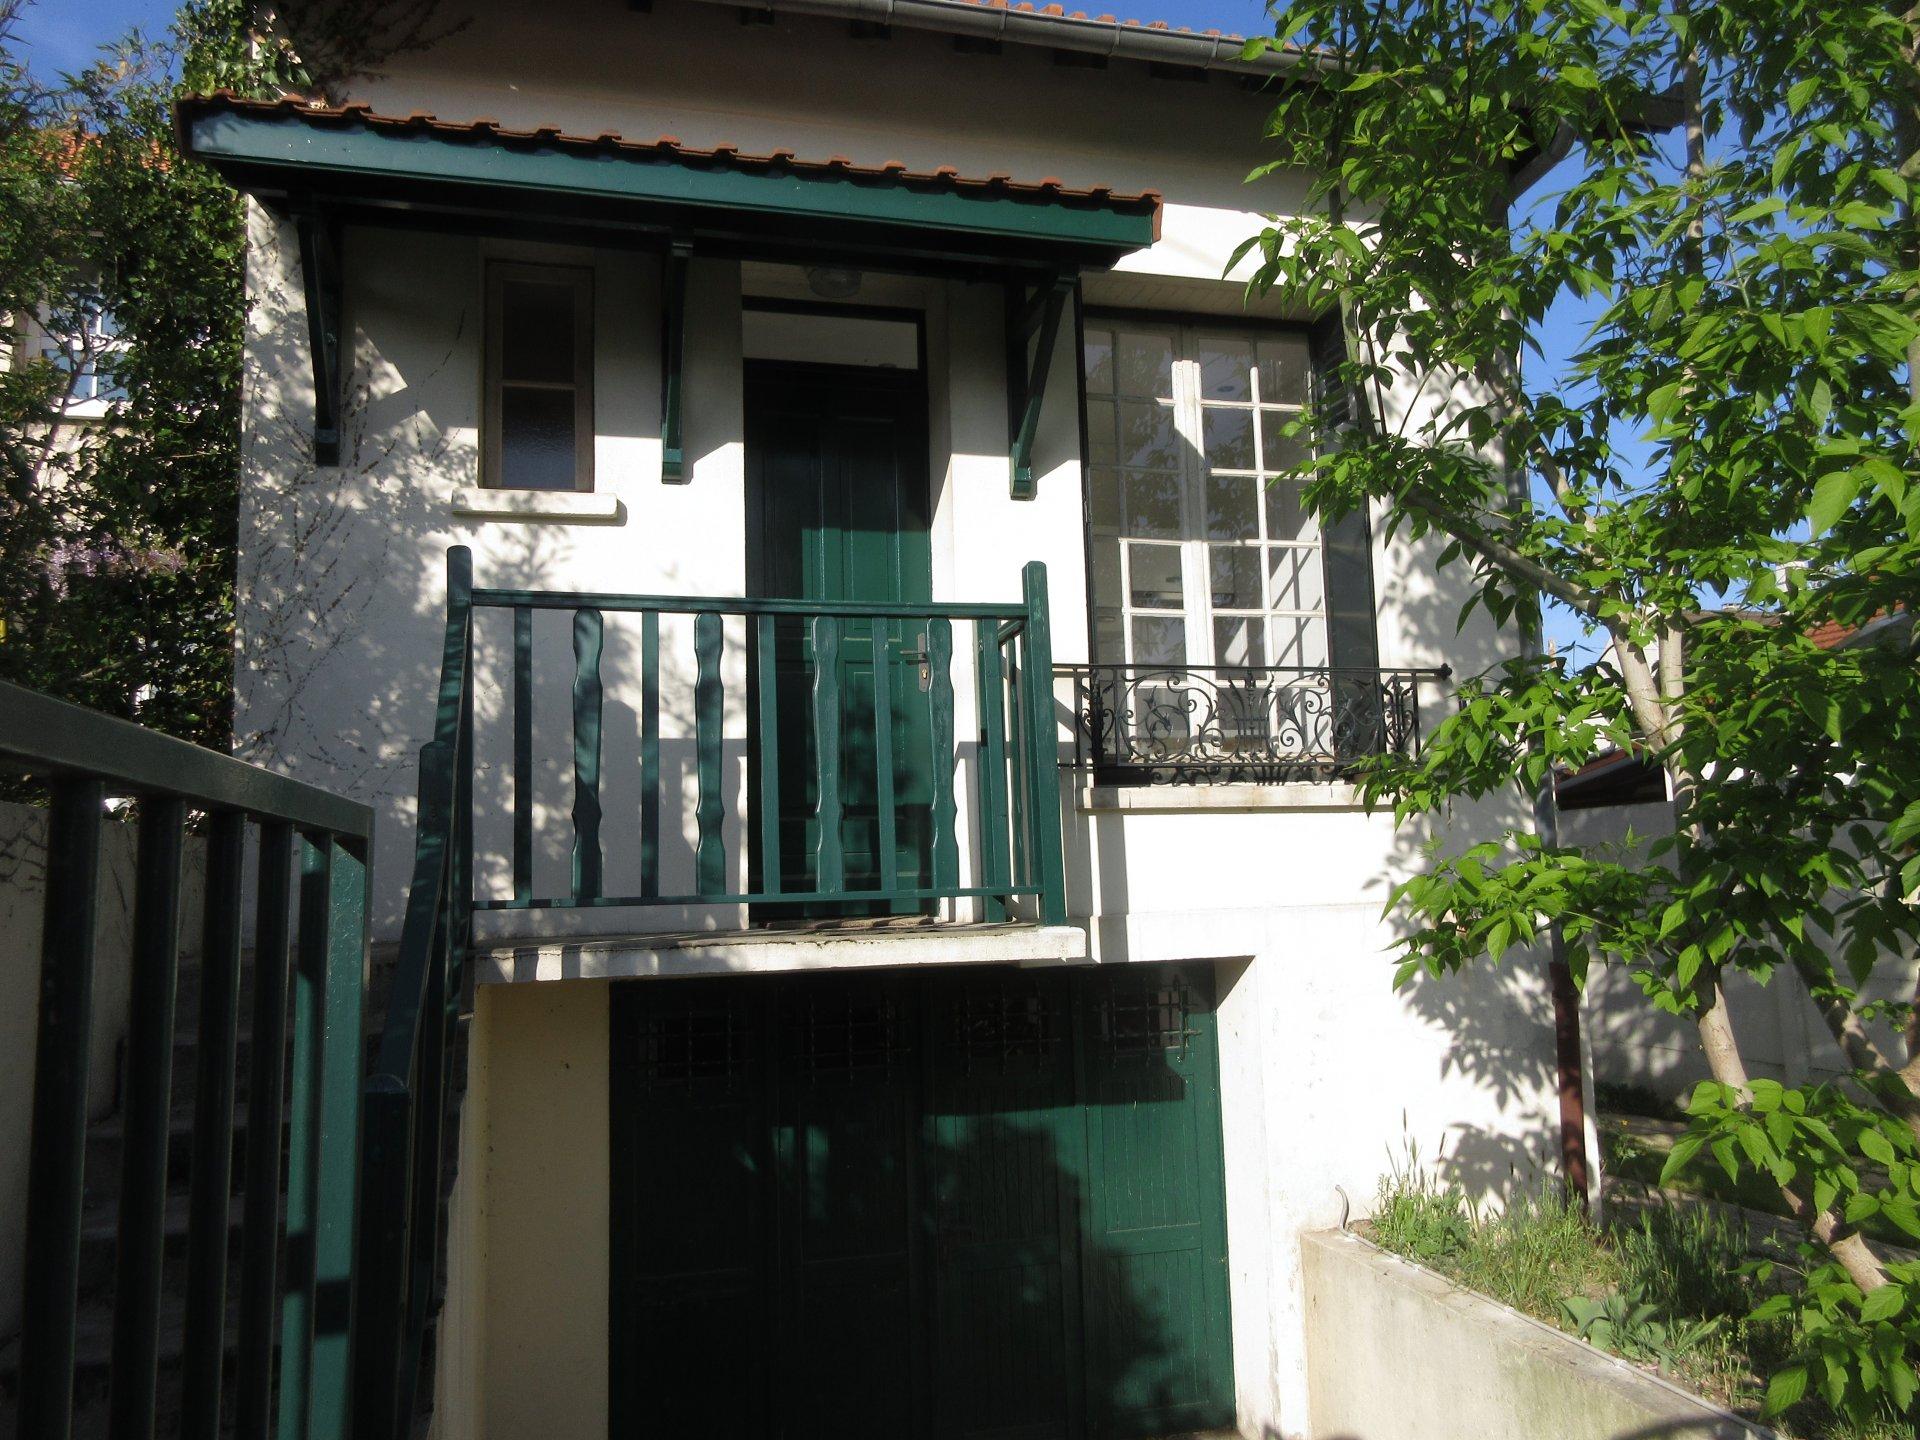 Maison 2 pièces à louer proche de la place du Docteur Roux.